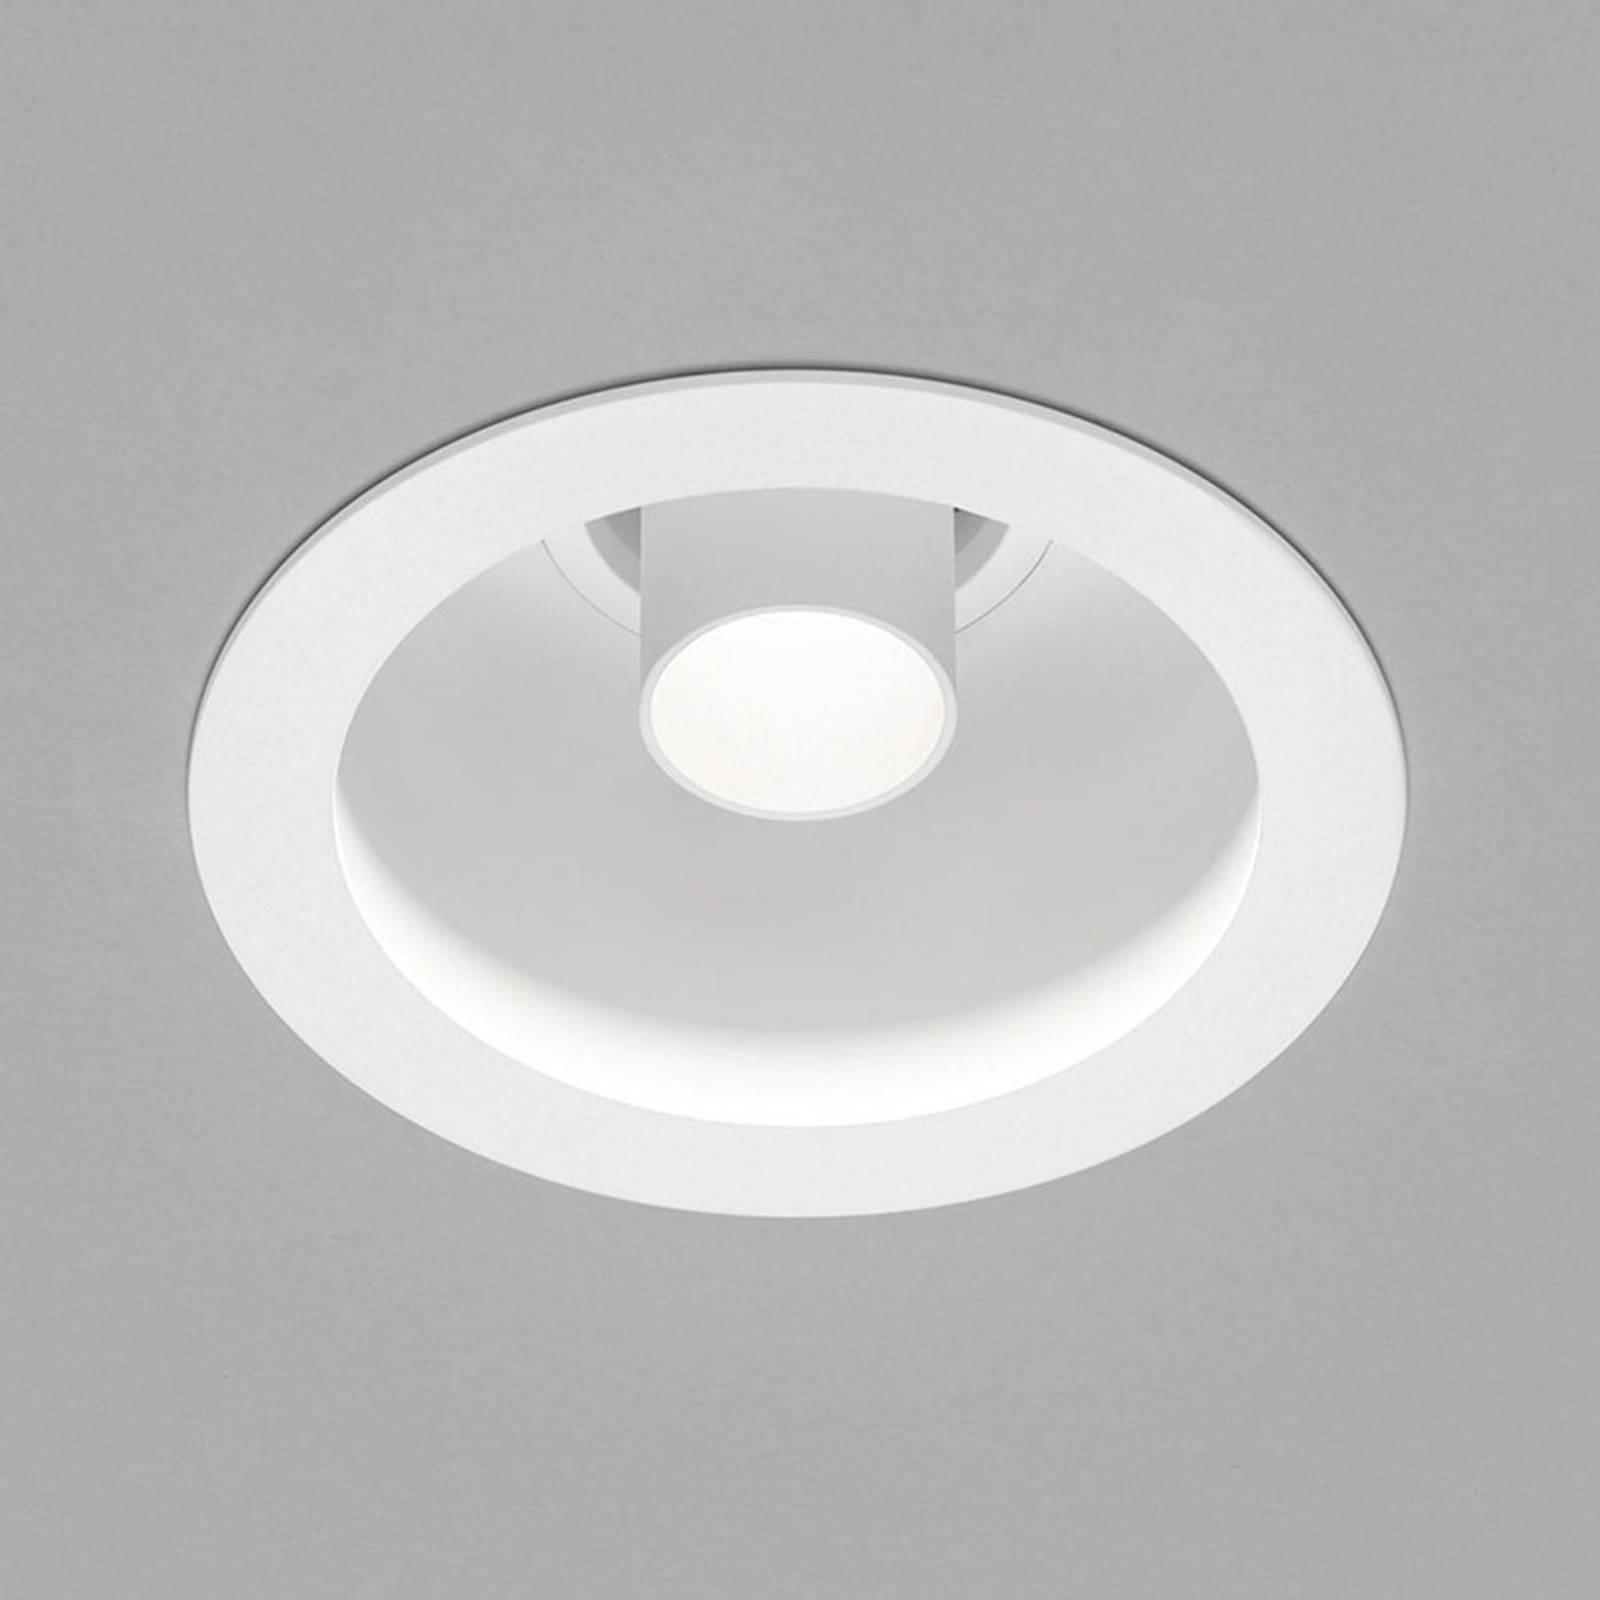 Helestra Run LED-innfel.spot, 1 lyskilde hvit/hvit